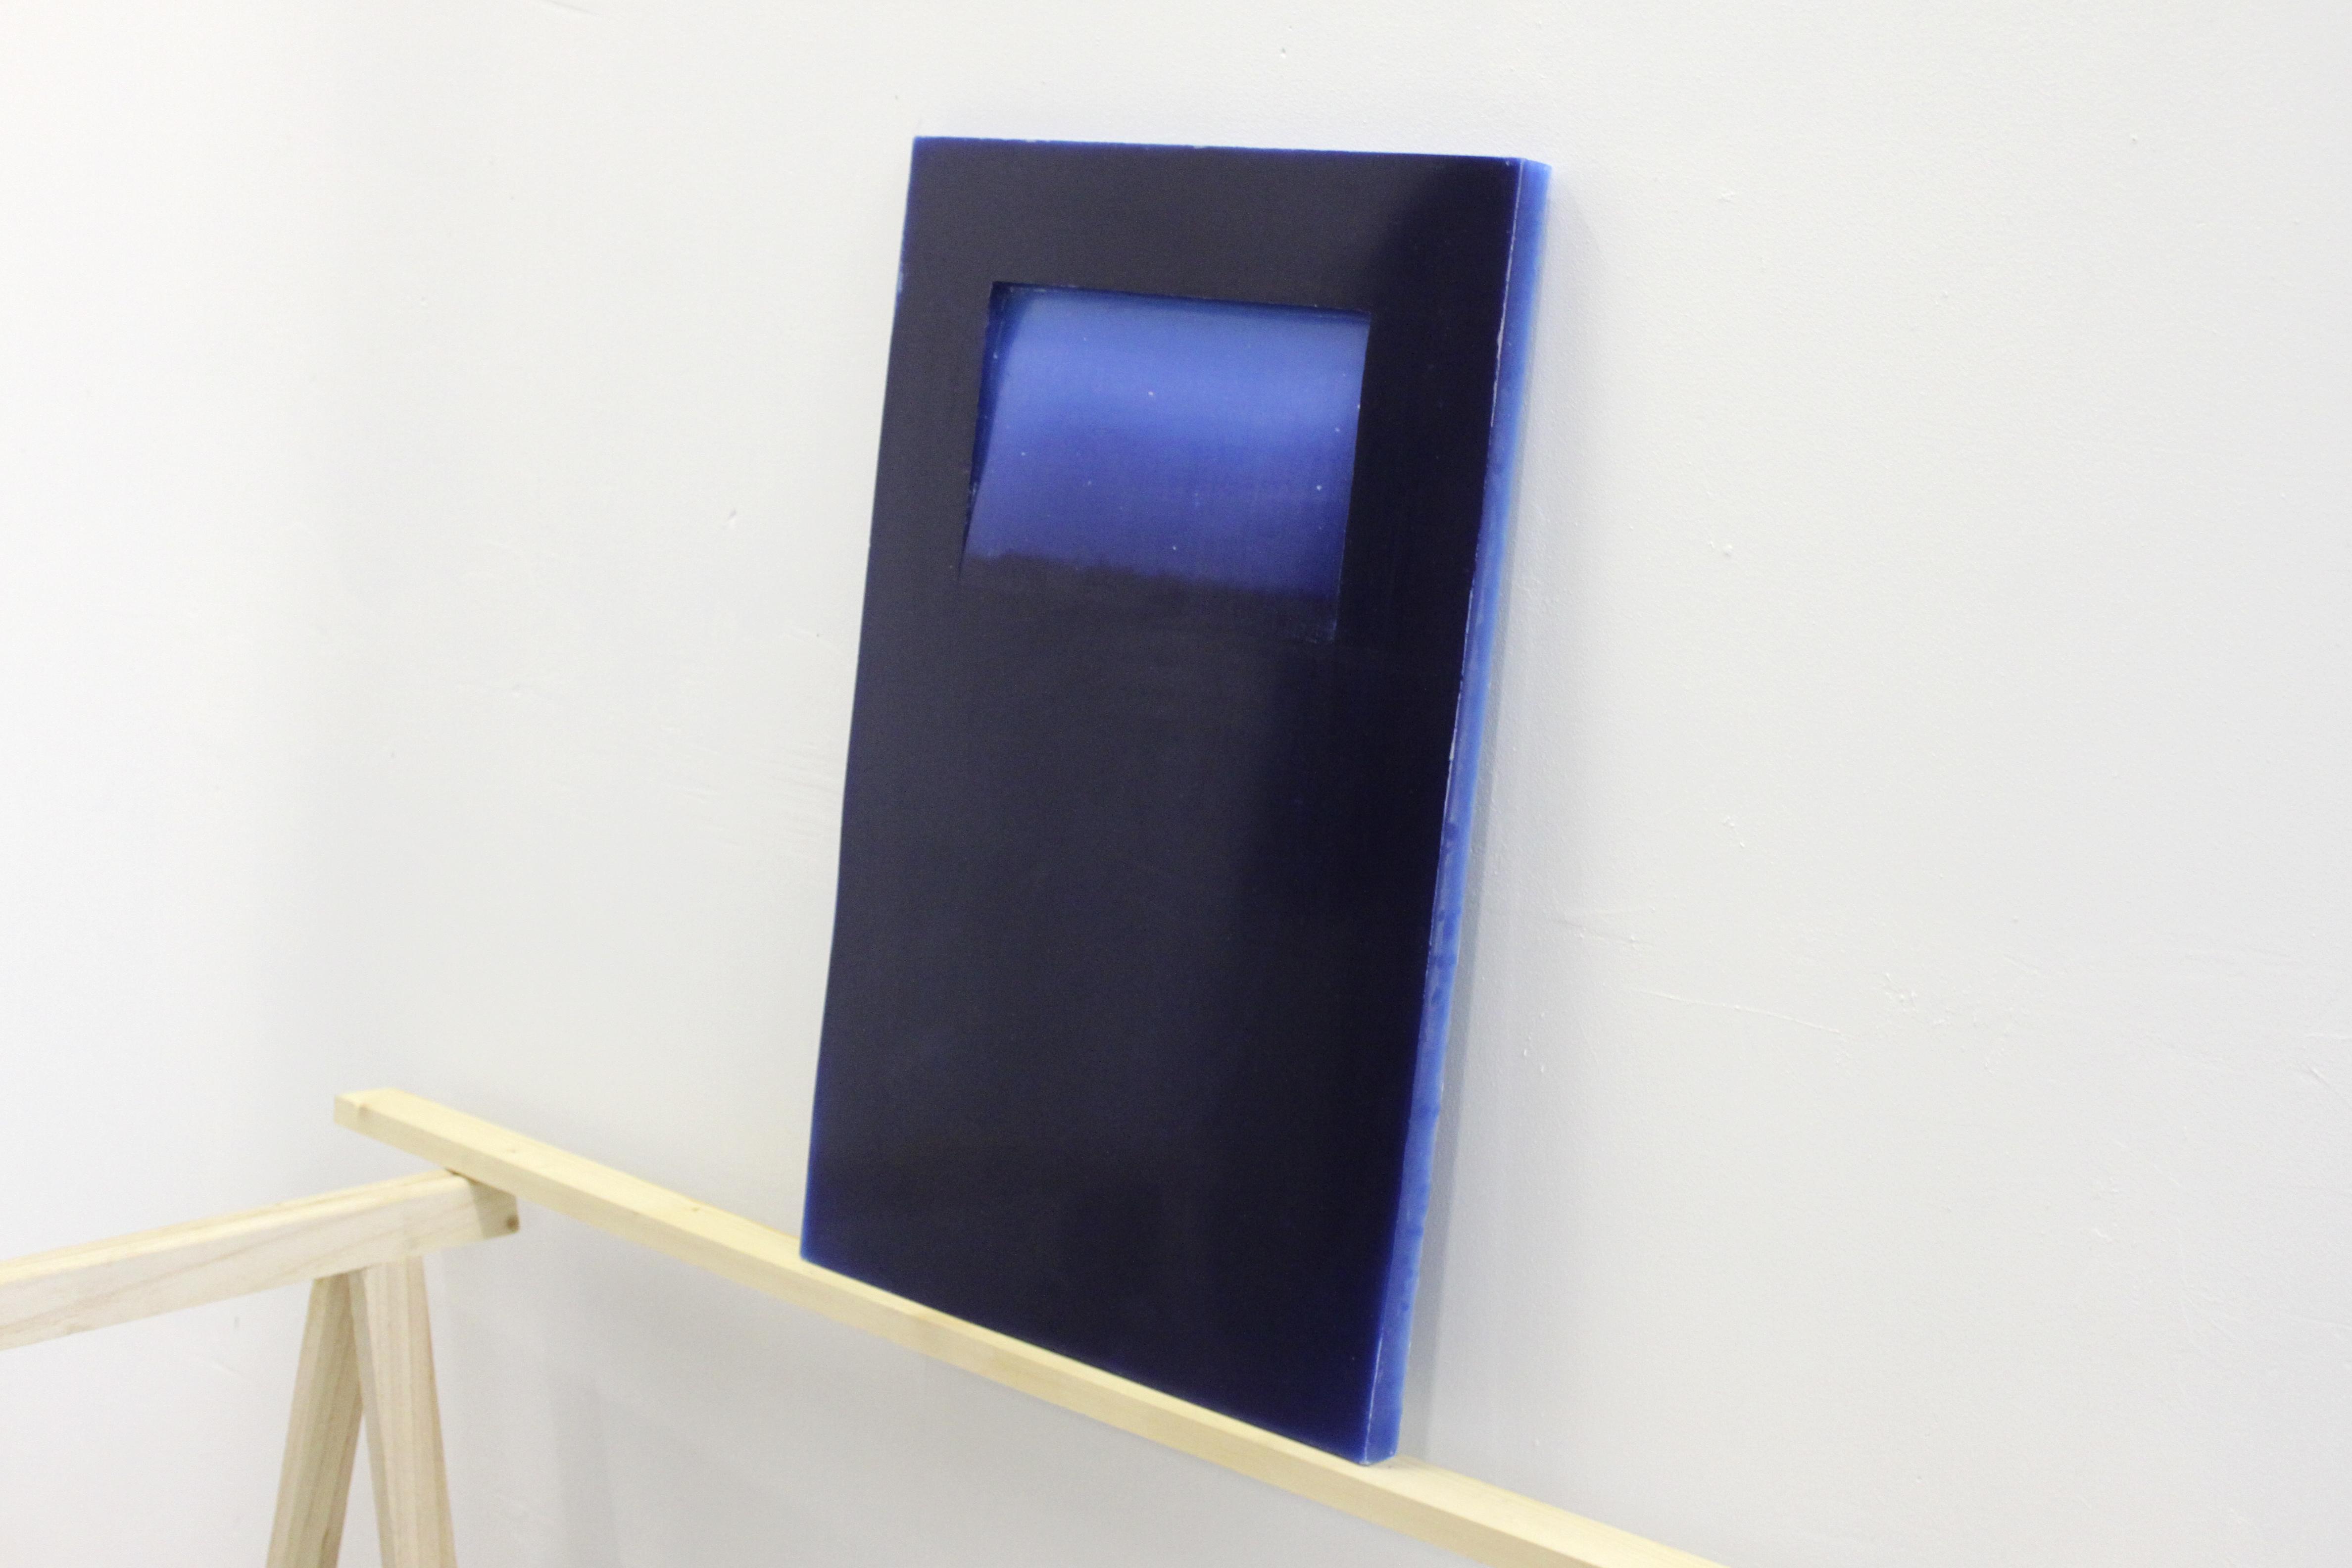 Coline Huger, 2013 - 105 bougies - 40x60x3cm - cire gravée main, pigments